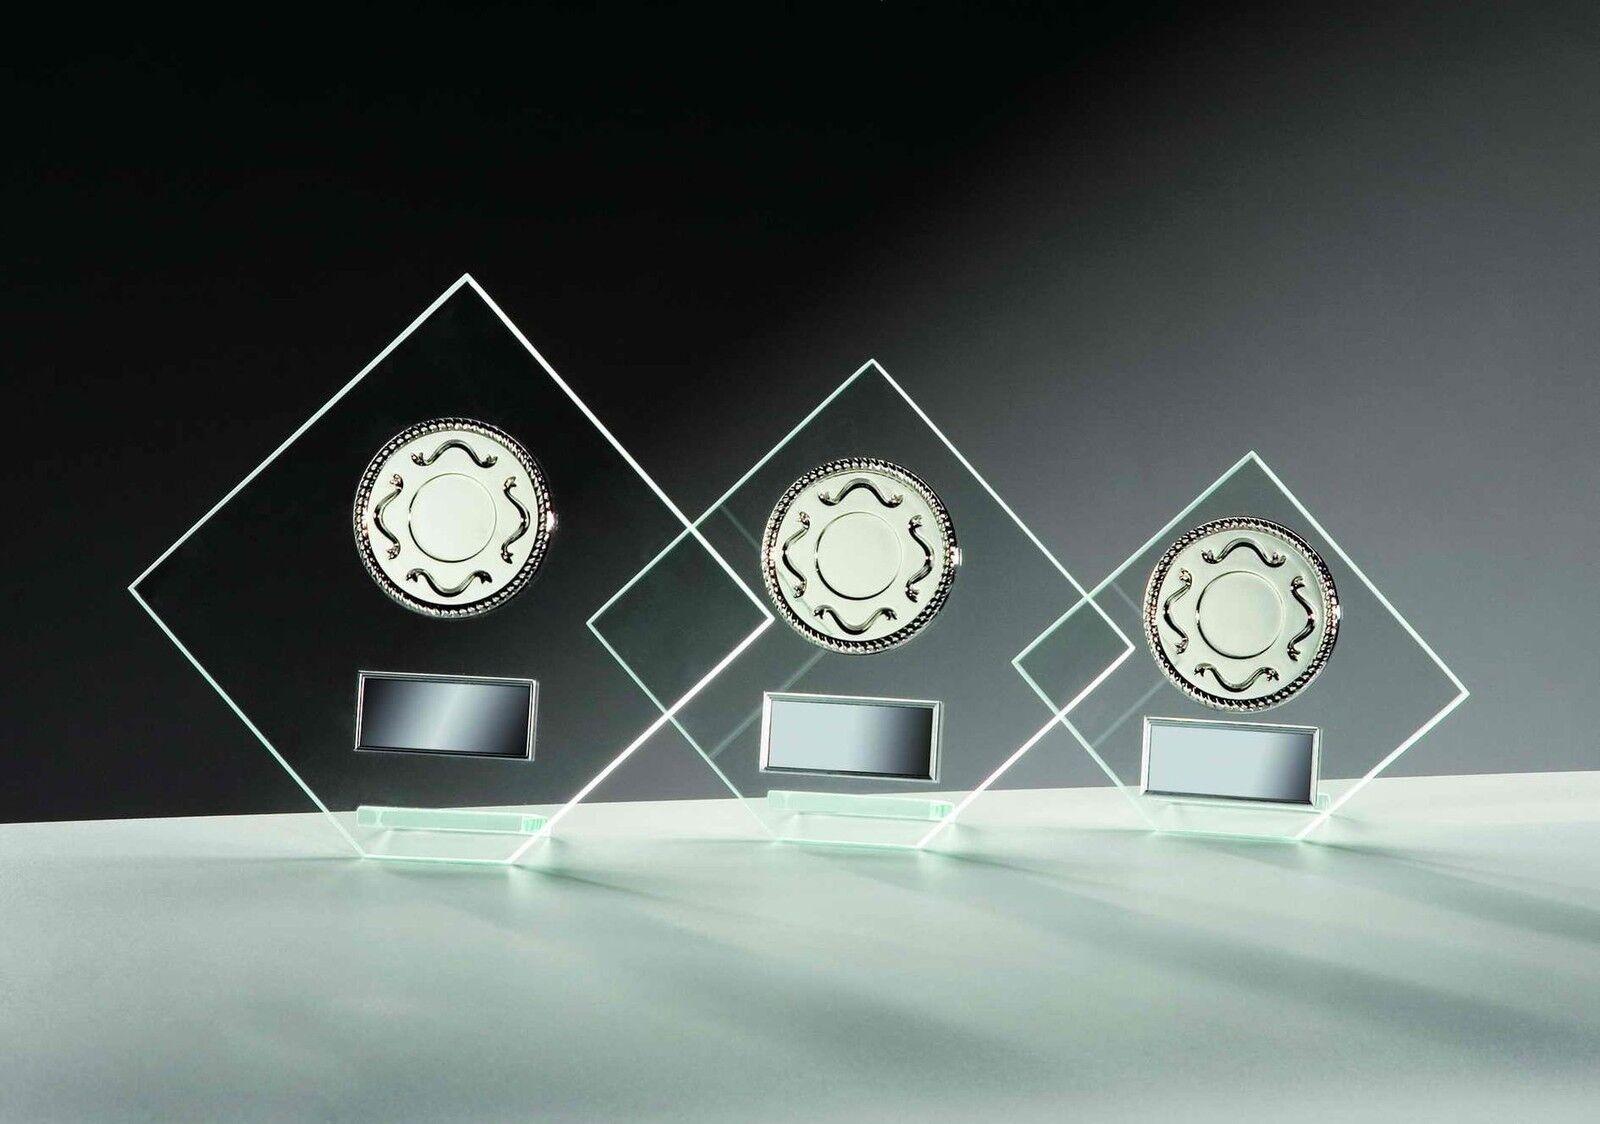 10-vidrio trofeos 6mm fuerte neutro 12cm   4 (glaspokale trofeo grabado trofeos)